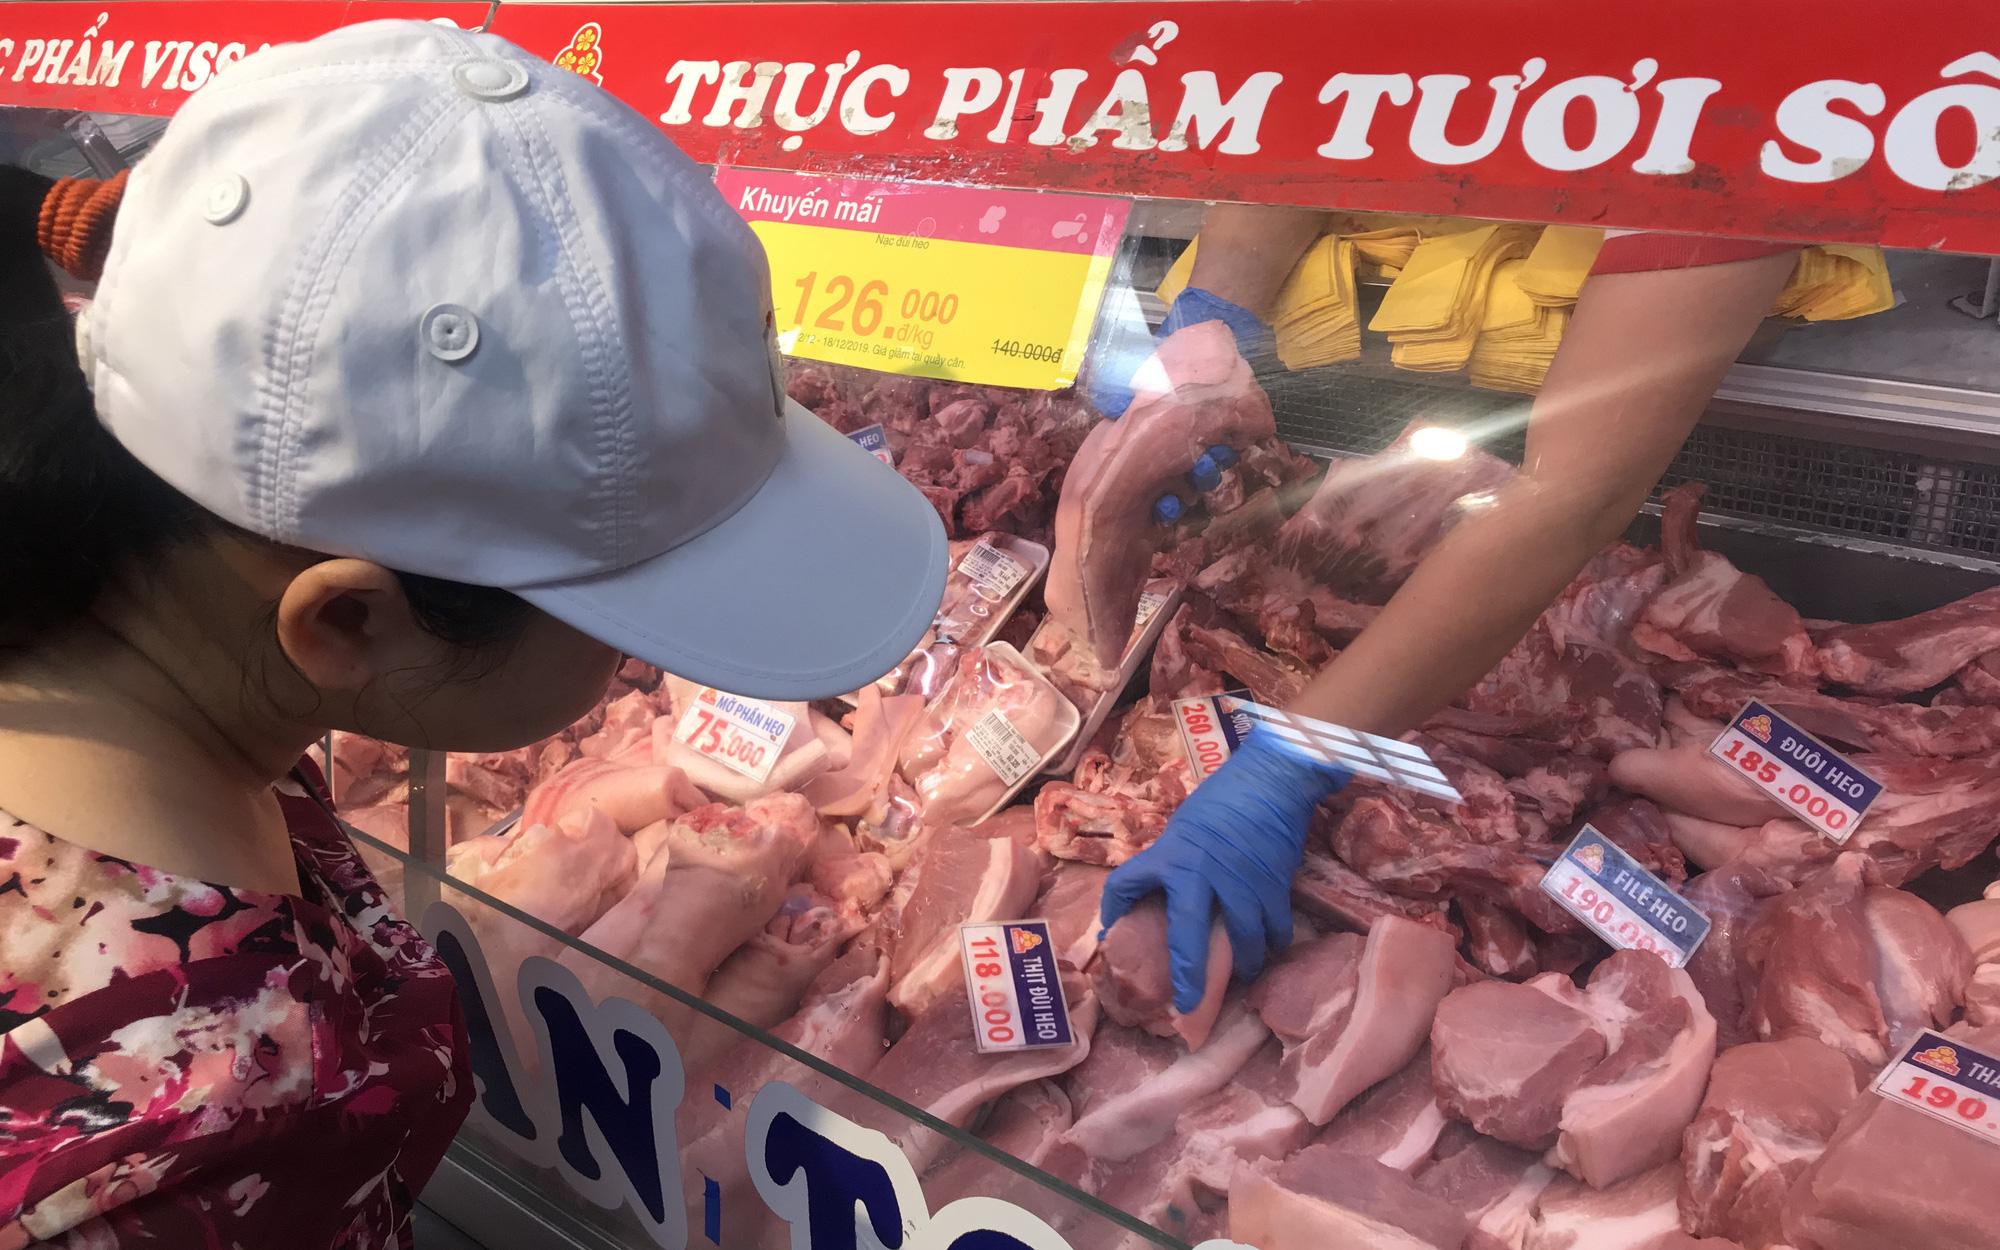 Khách chen chân mua sắm Tết, có siêu thị tuyên bố mở cửa luôn mùng 1, giảm giá thịt heo trong tuần này - Ảnh 3.